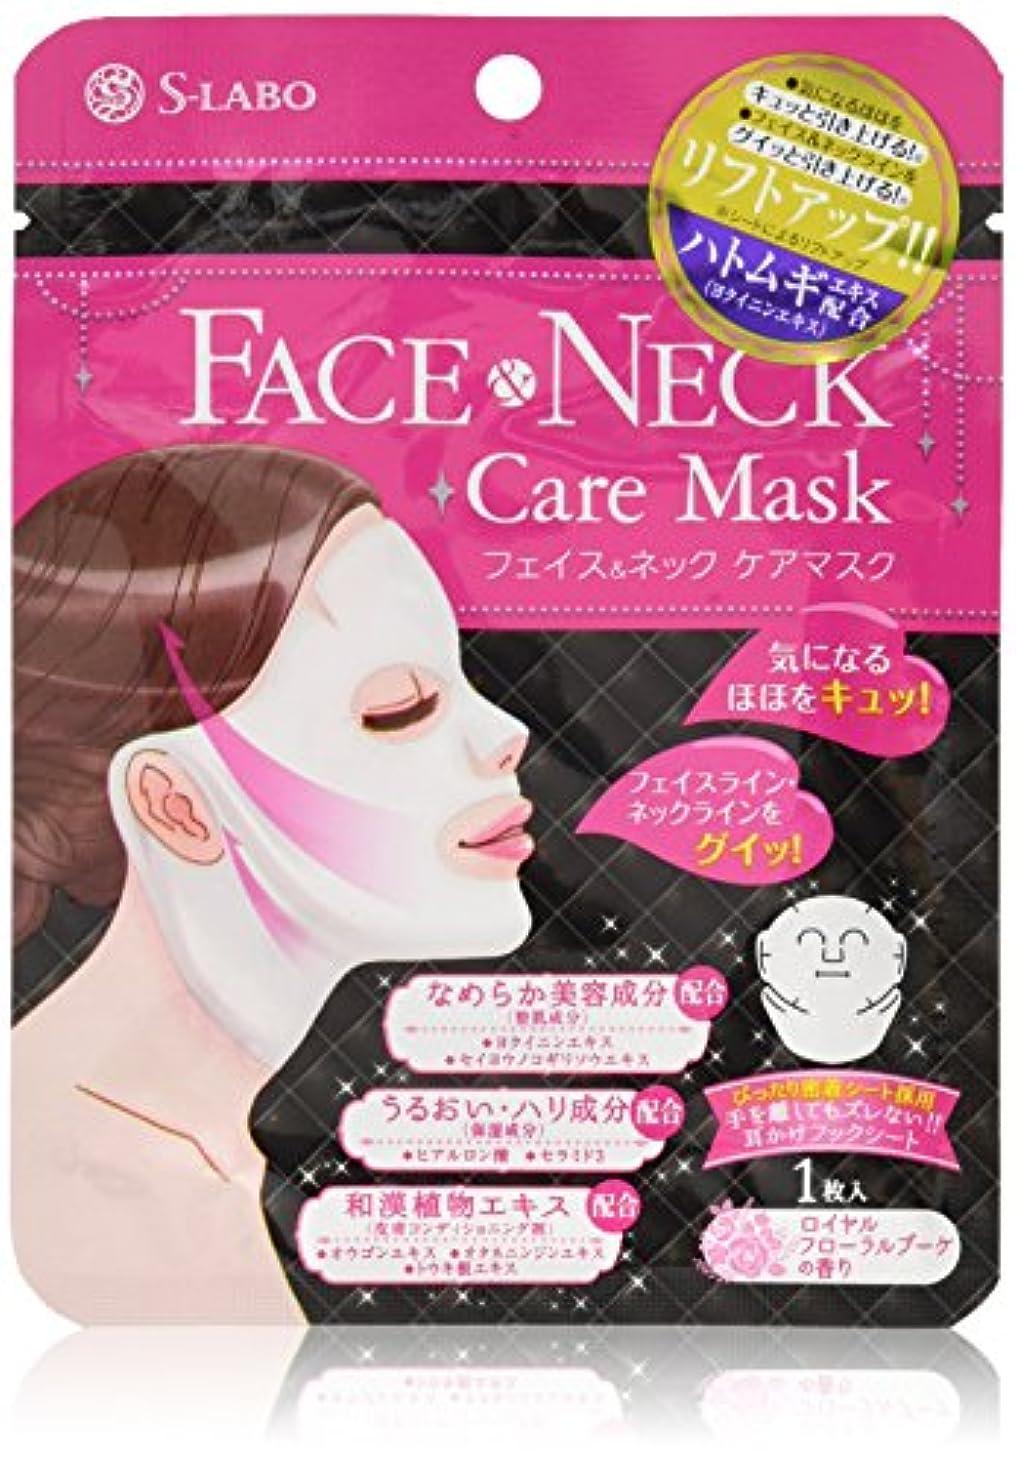 確認する仲間統合S-LABO フェイス & ネックケアマスク (1枚入)